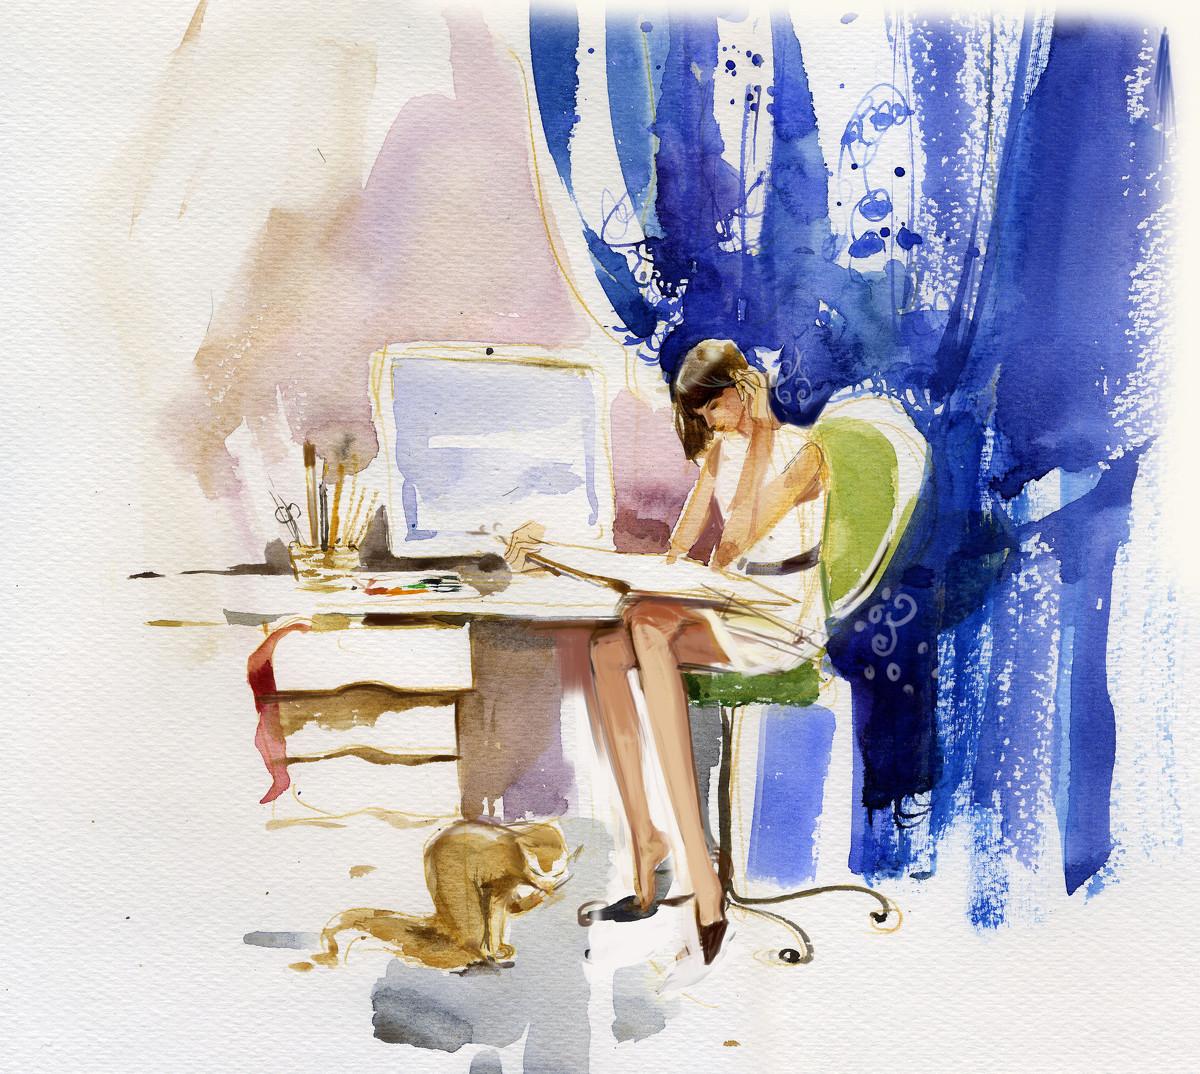 Вероника Калачева - Всё, что мне нужно для работы, 2008